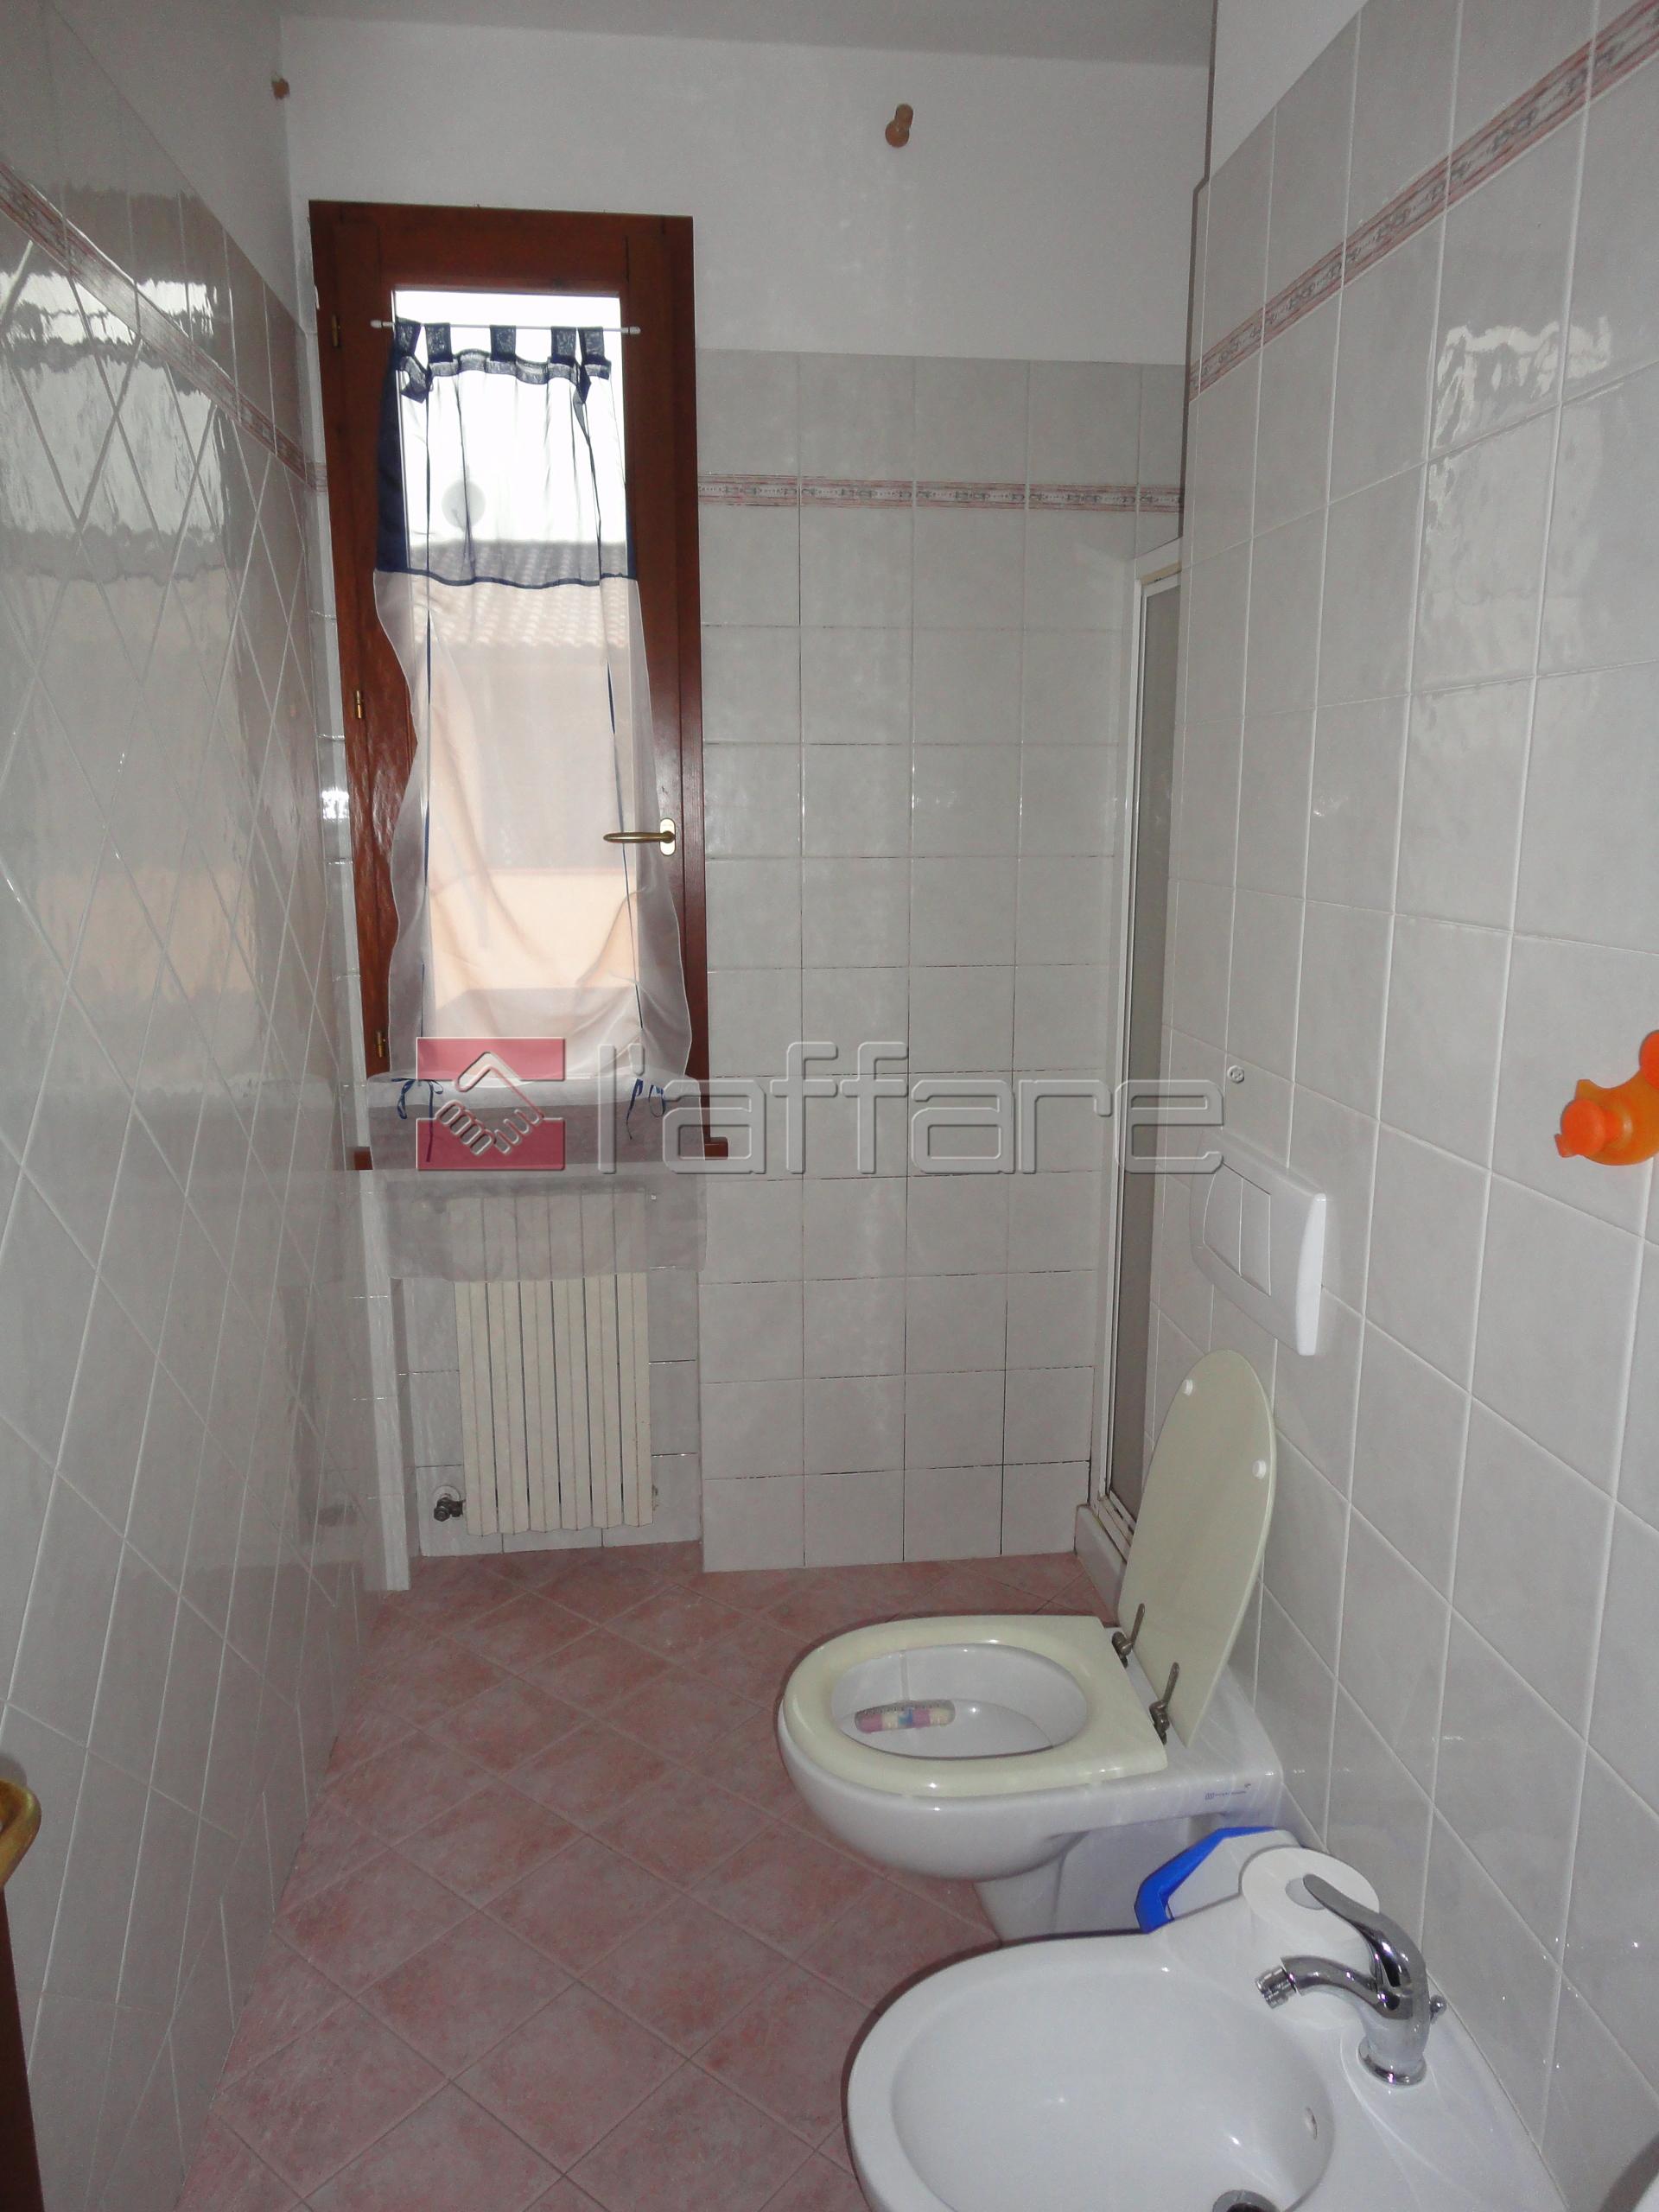 Appartamento Bilocale in Affitto Pontedera La Borra l'affare, agenzia immobiliare toscana ...